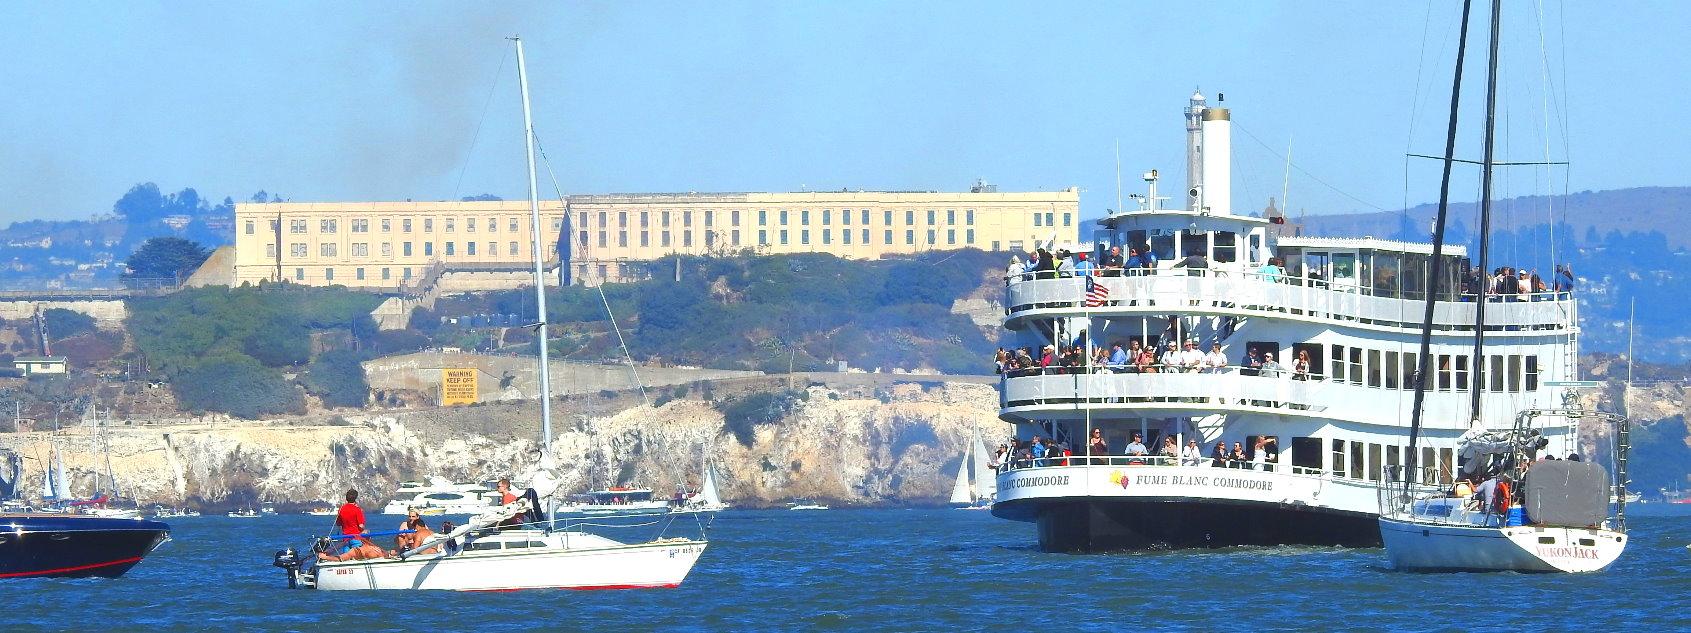 visite_guidée_de_la_ville_de_avec__croisière_en_ferry_dans_la_baie_de_san_francisco_et_sausalito